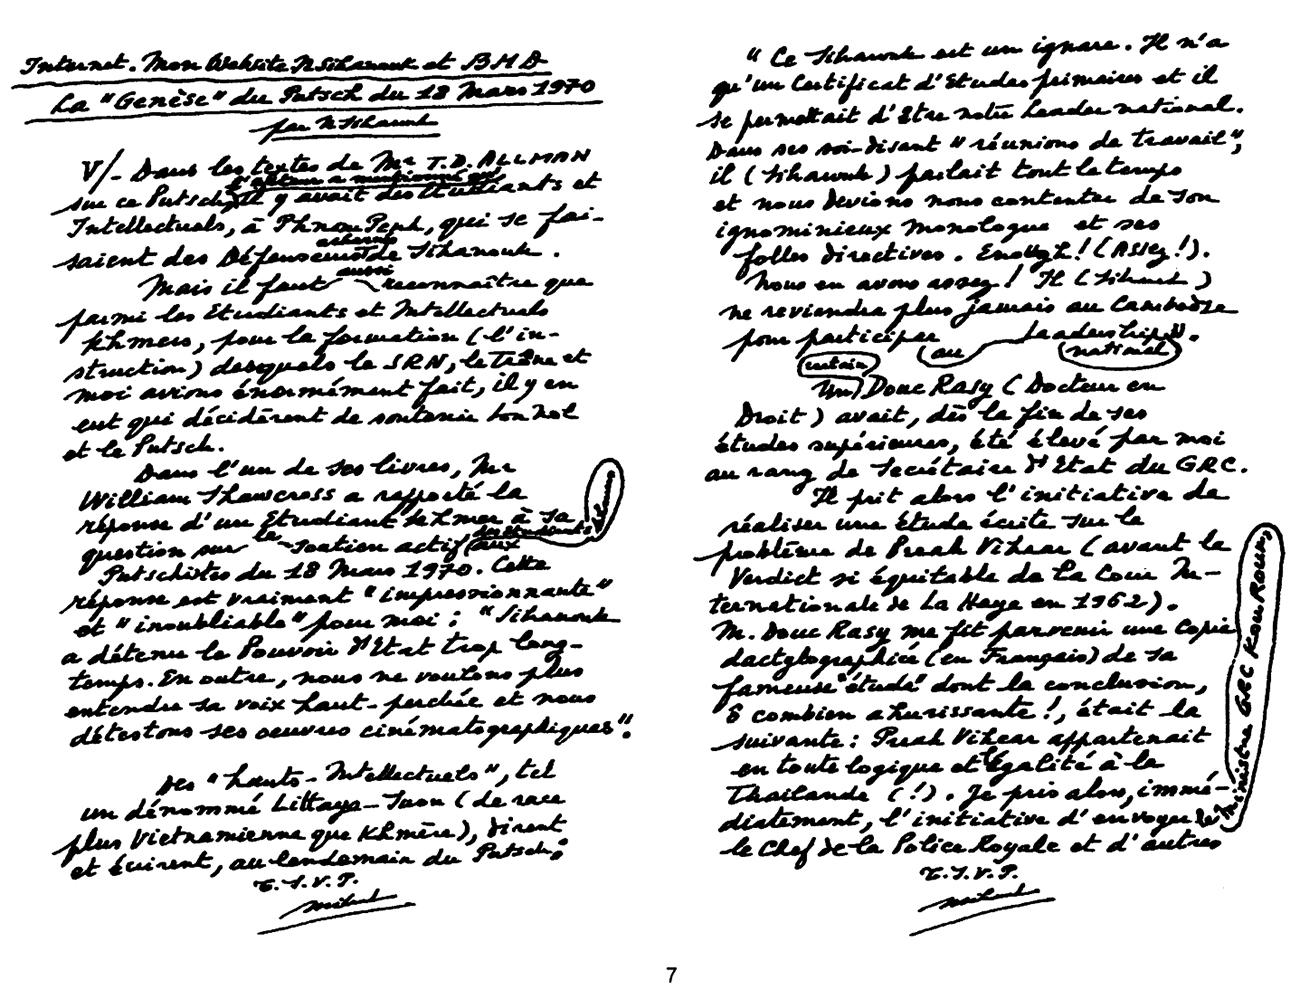 All/document/Documents/LaGenseduPutschdu18Mars1970/LaGenseduPutschdu18Mars1970/id2320/photo007.jpg